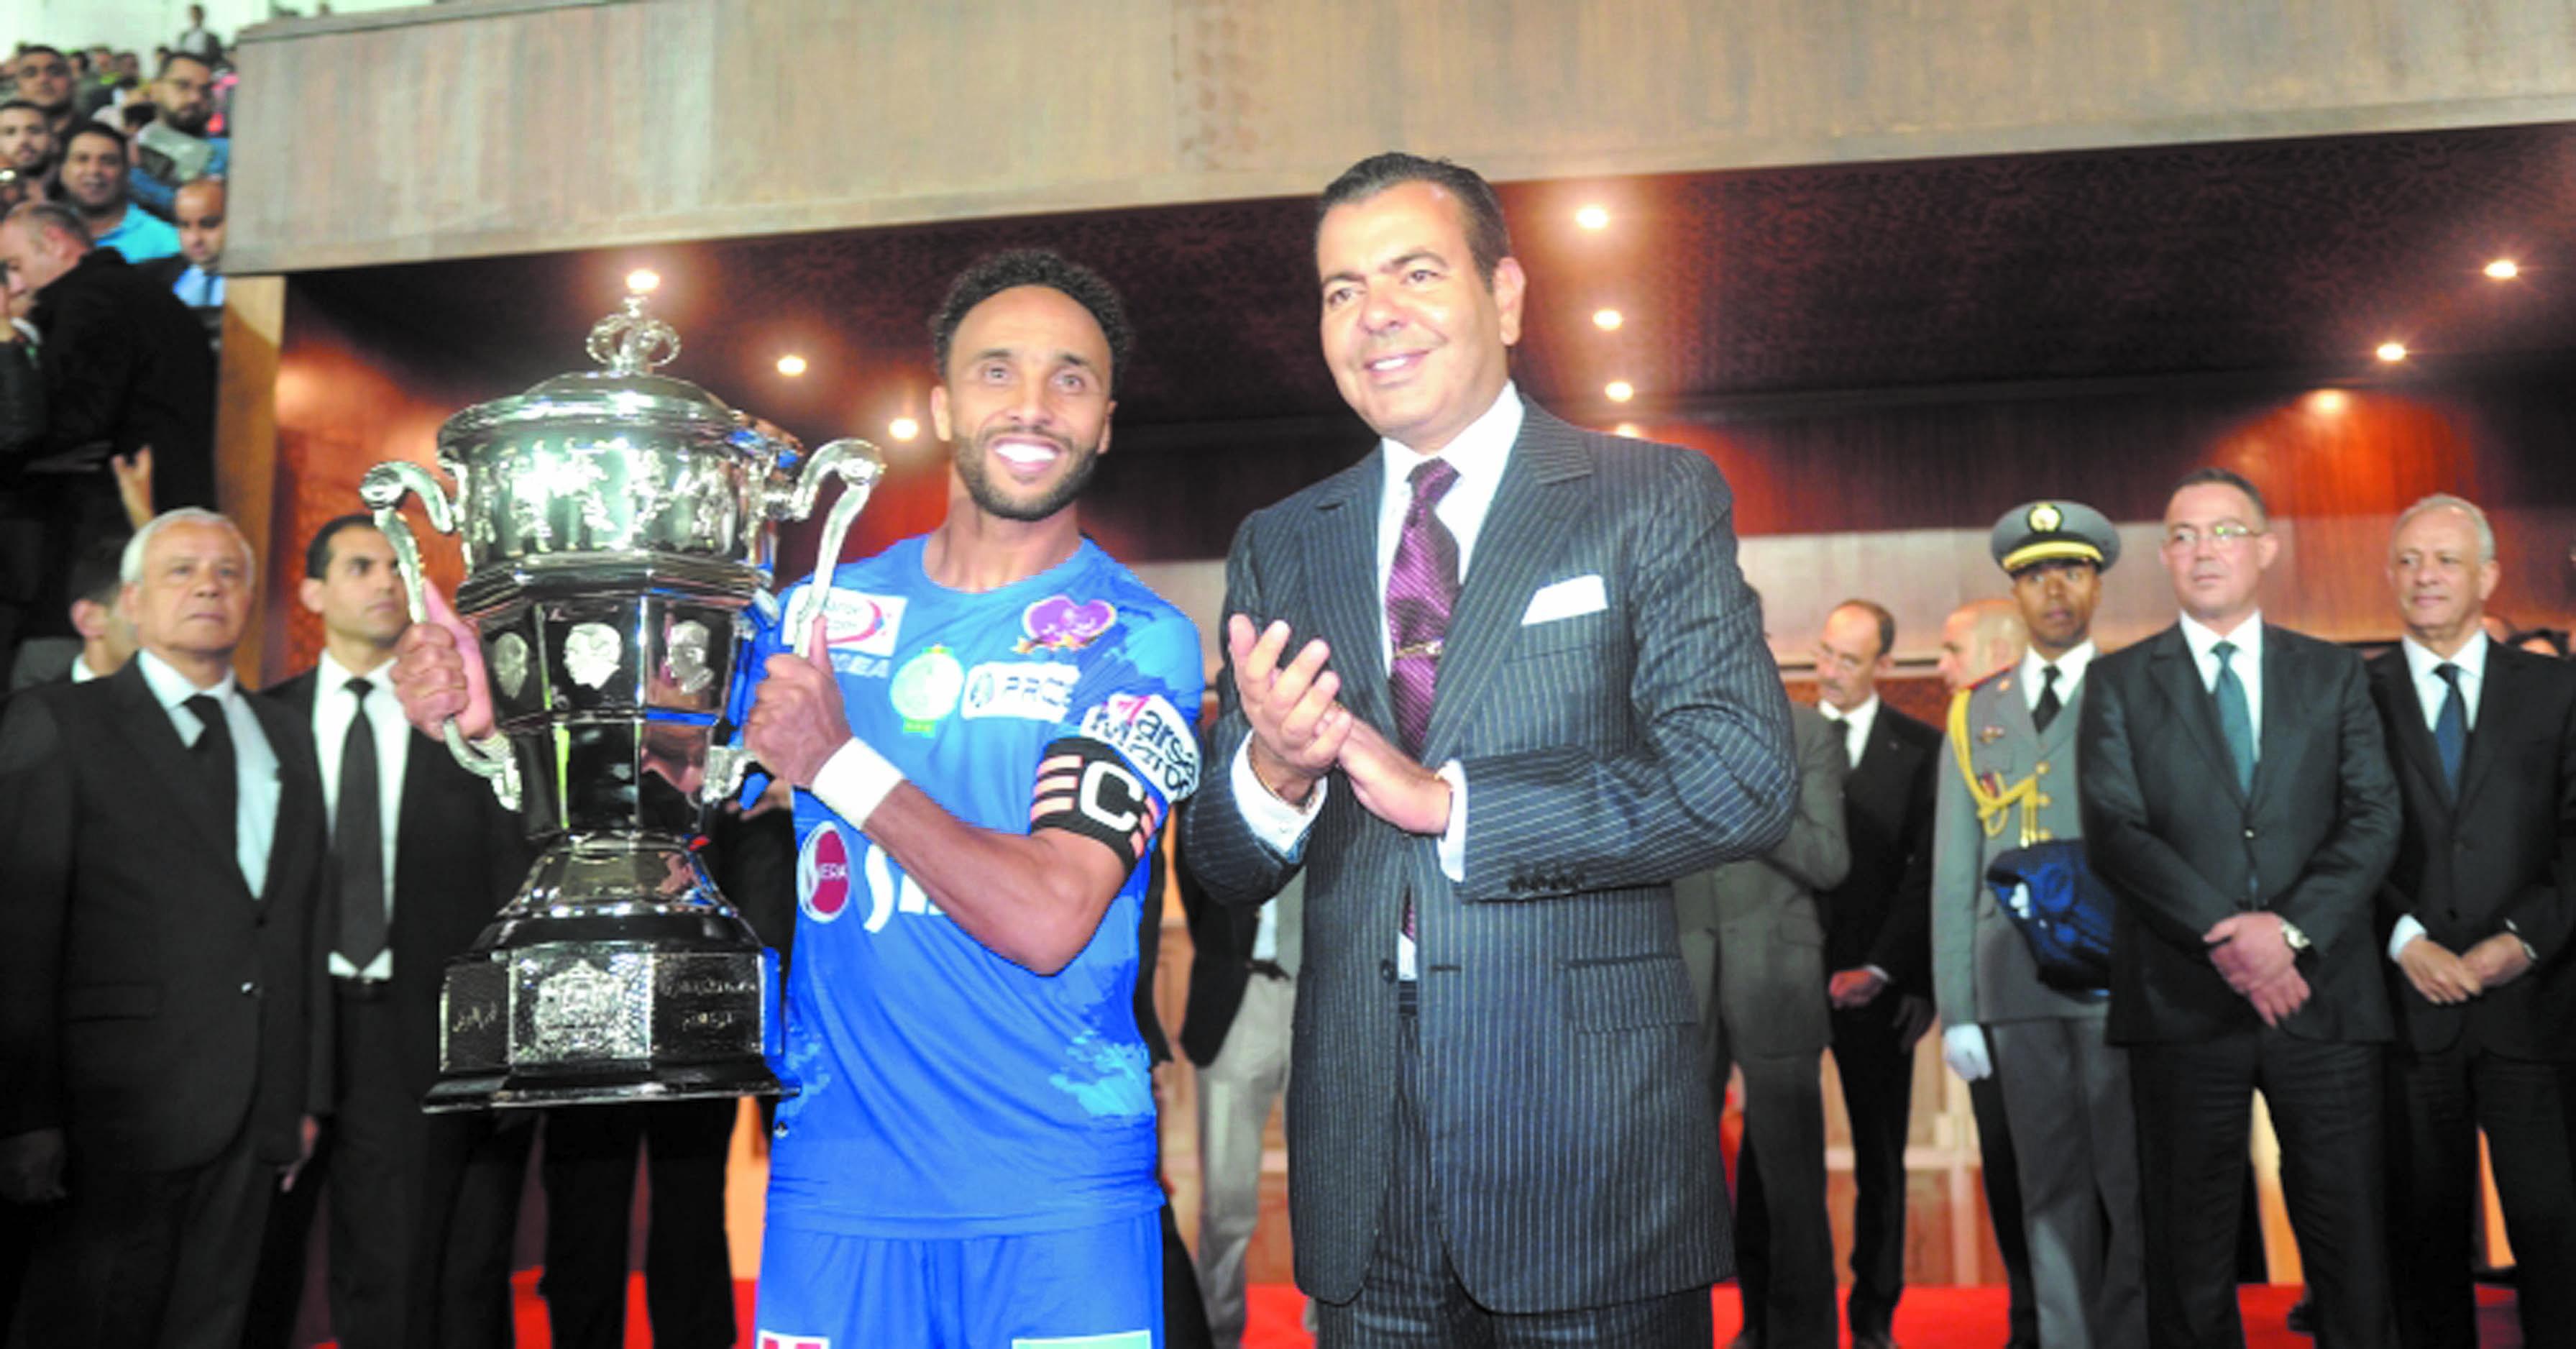 SAR le Prince Moulay Rachid a présidé, samedi au Complexe sportif Prince Moulay Abdellah à Rabat, la finale de la Coupe du Trône de football.